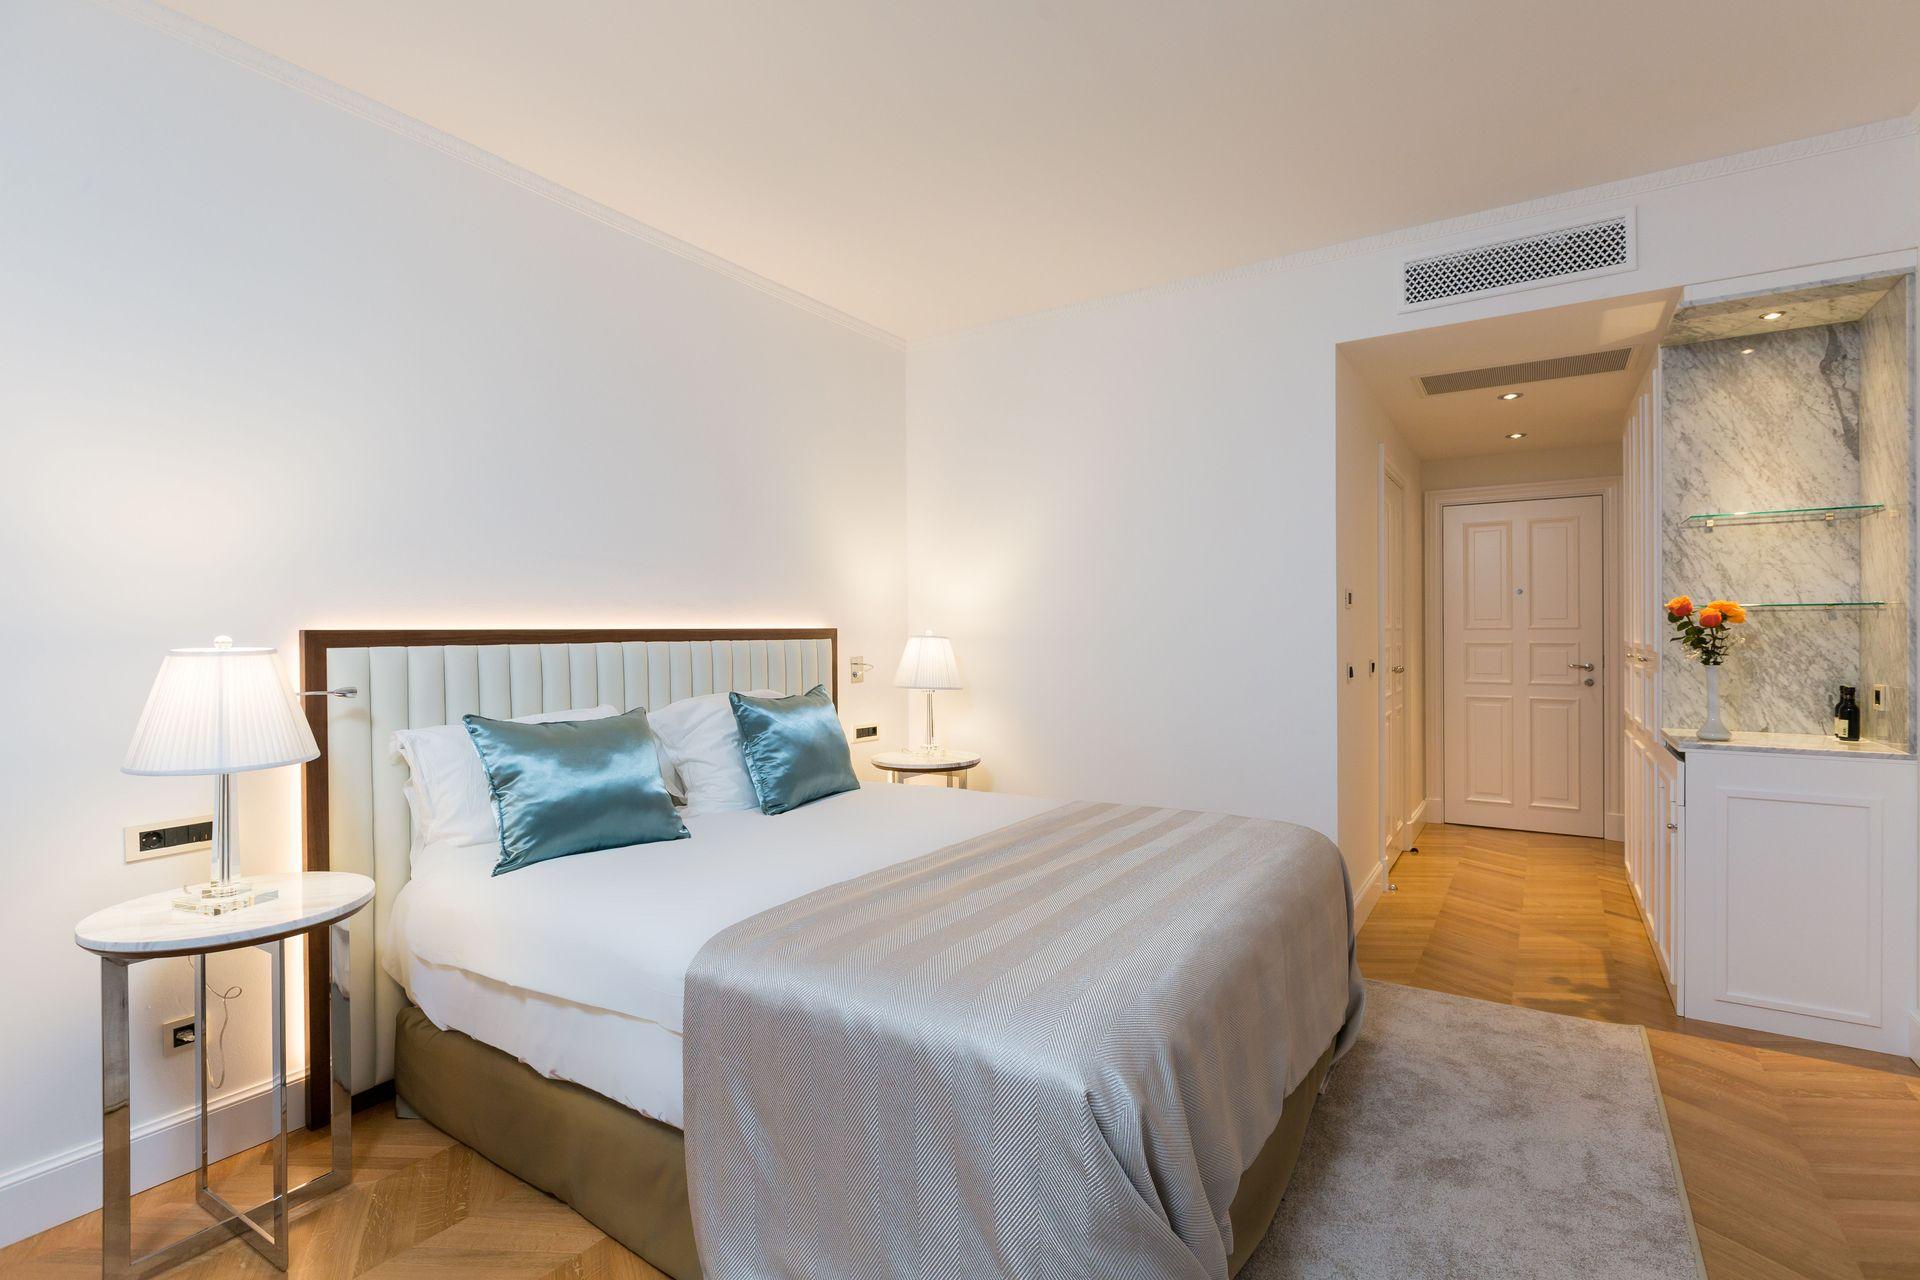 Superior Dvokrevetna Soba 25 m² Pogled More i Francuski Balkon-3